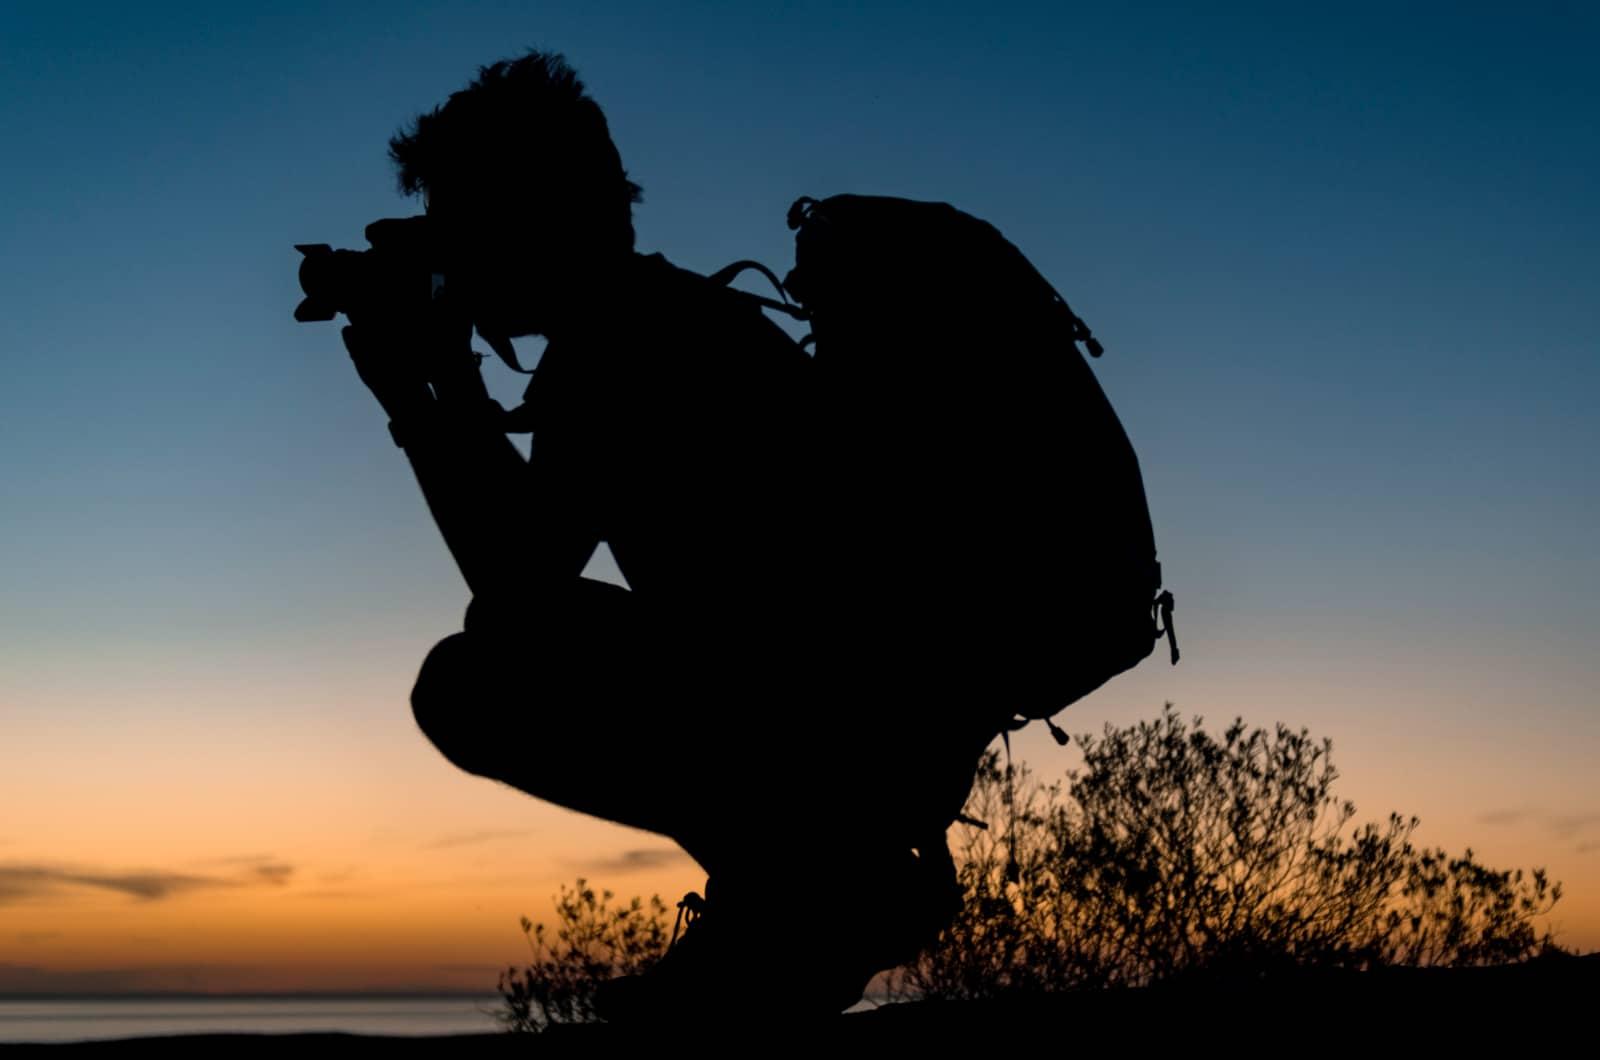 fotograaf in silhouet